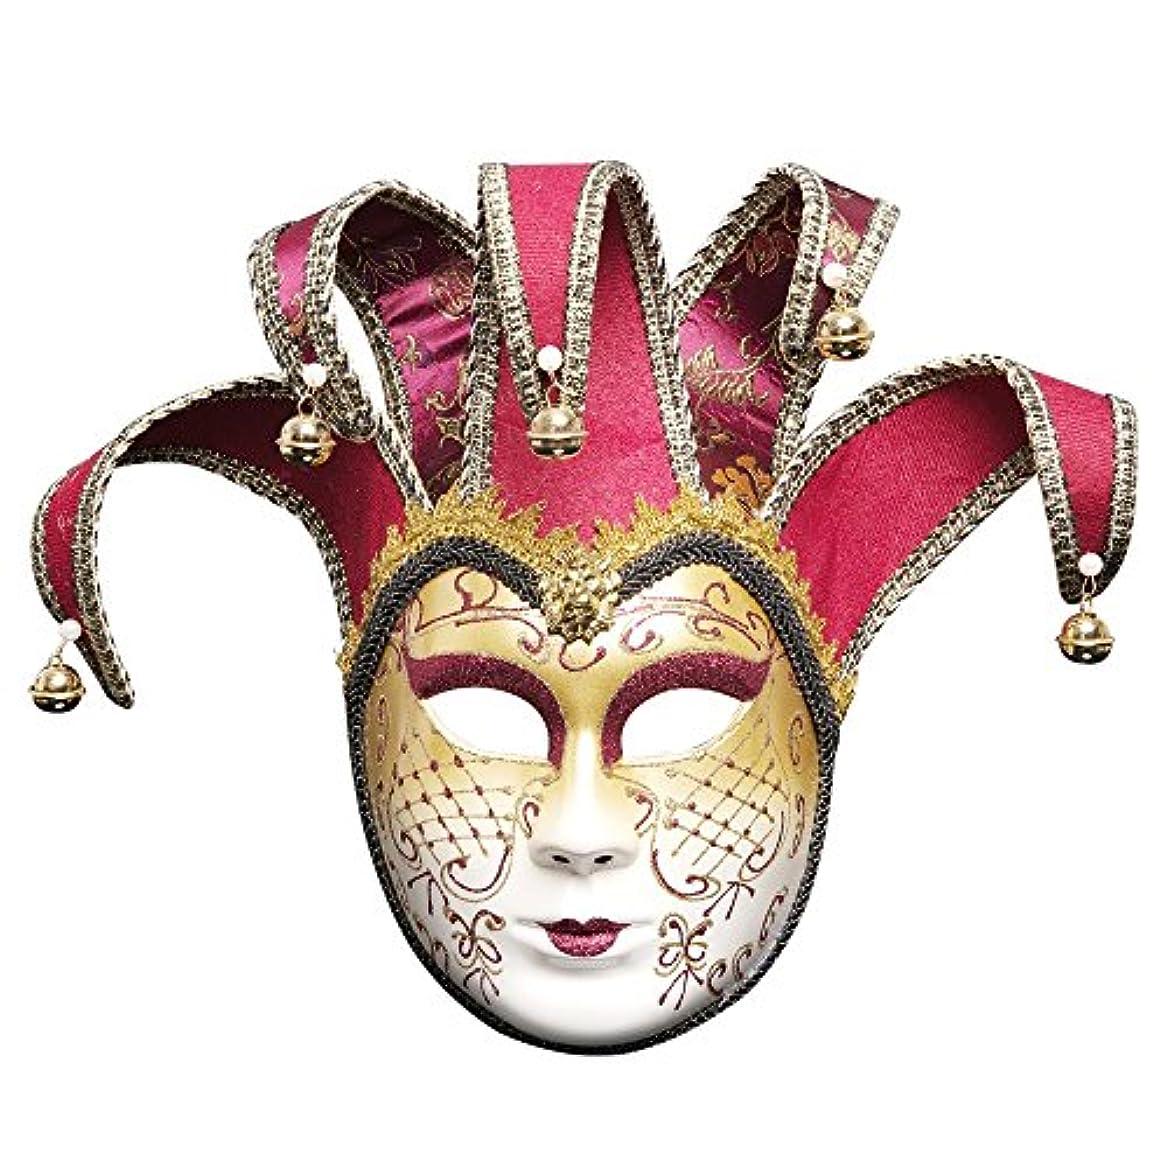 アーチピース消費者ハロウィンボールパーティーマスククリスマスクリエイティブ新しいフルフェイスメイクアップマスク (Color : A)